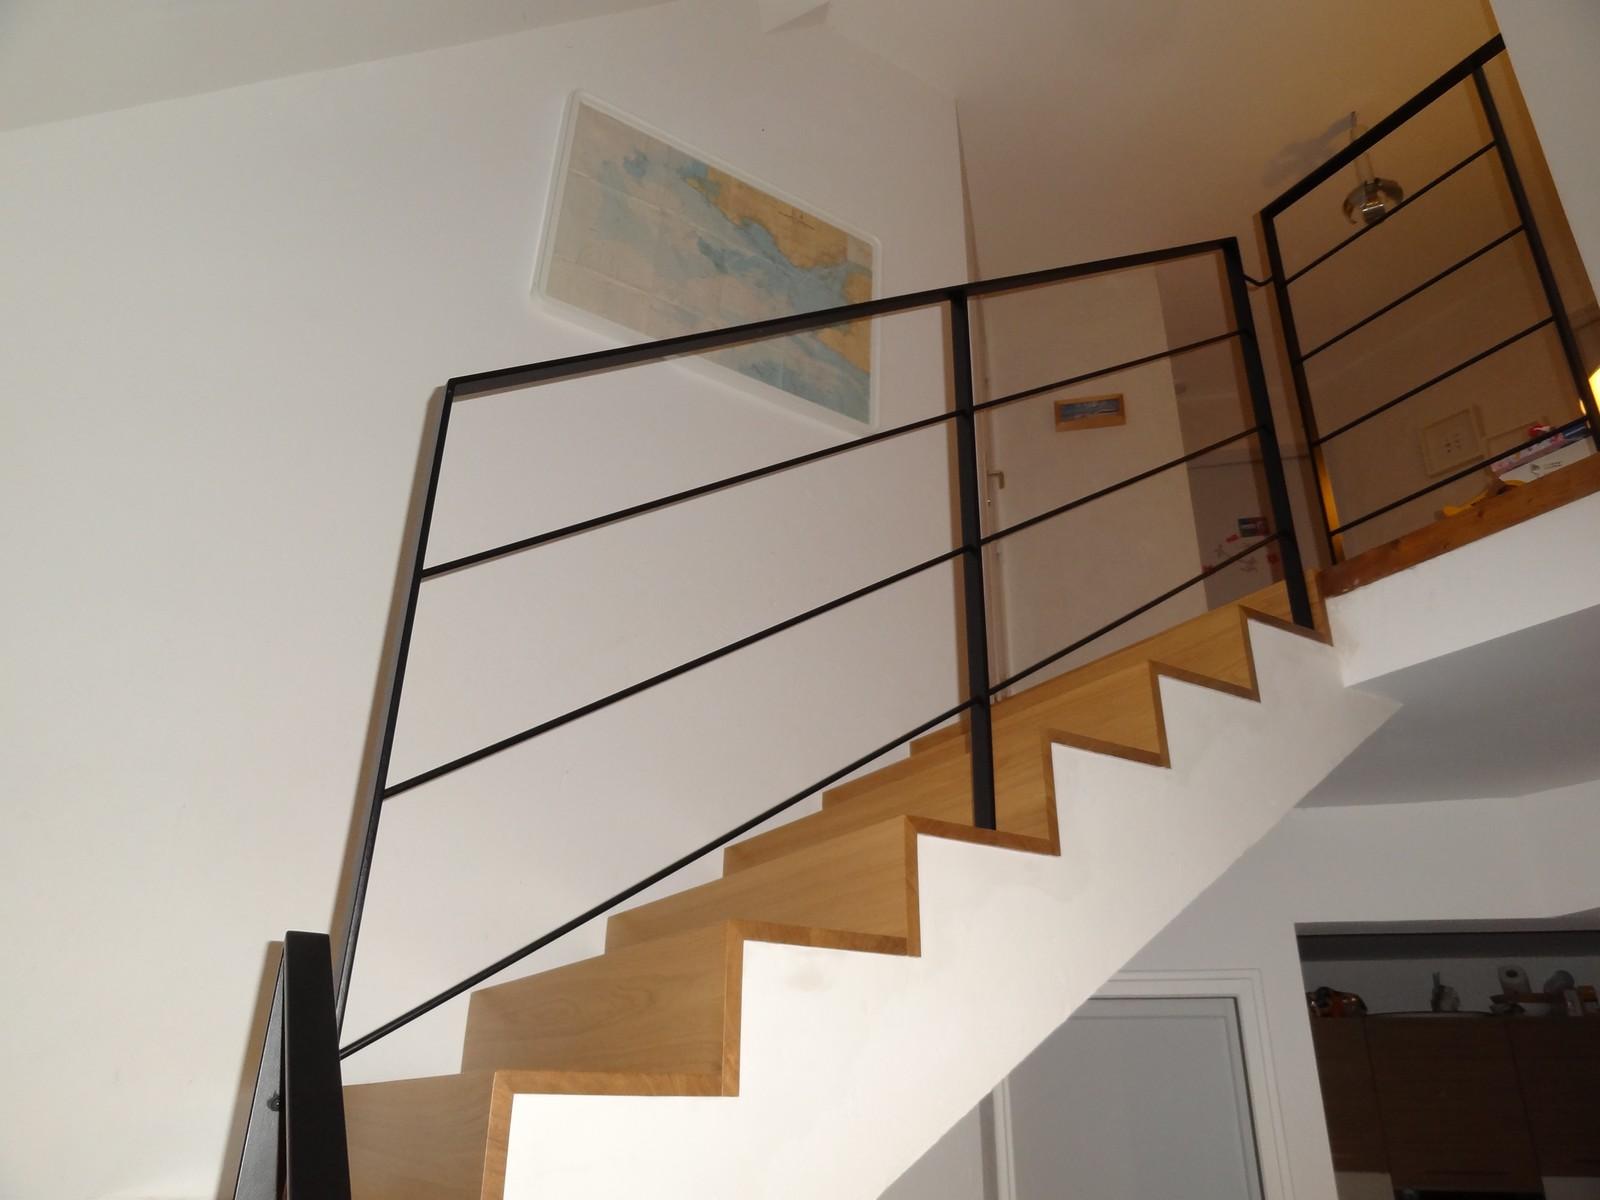 Accueil depuis plus de 40 ans l 39 entreprise glotin est for Fabrication escalier beton exterieur